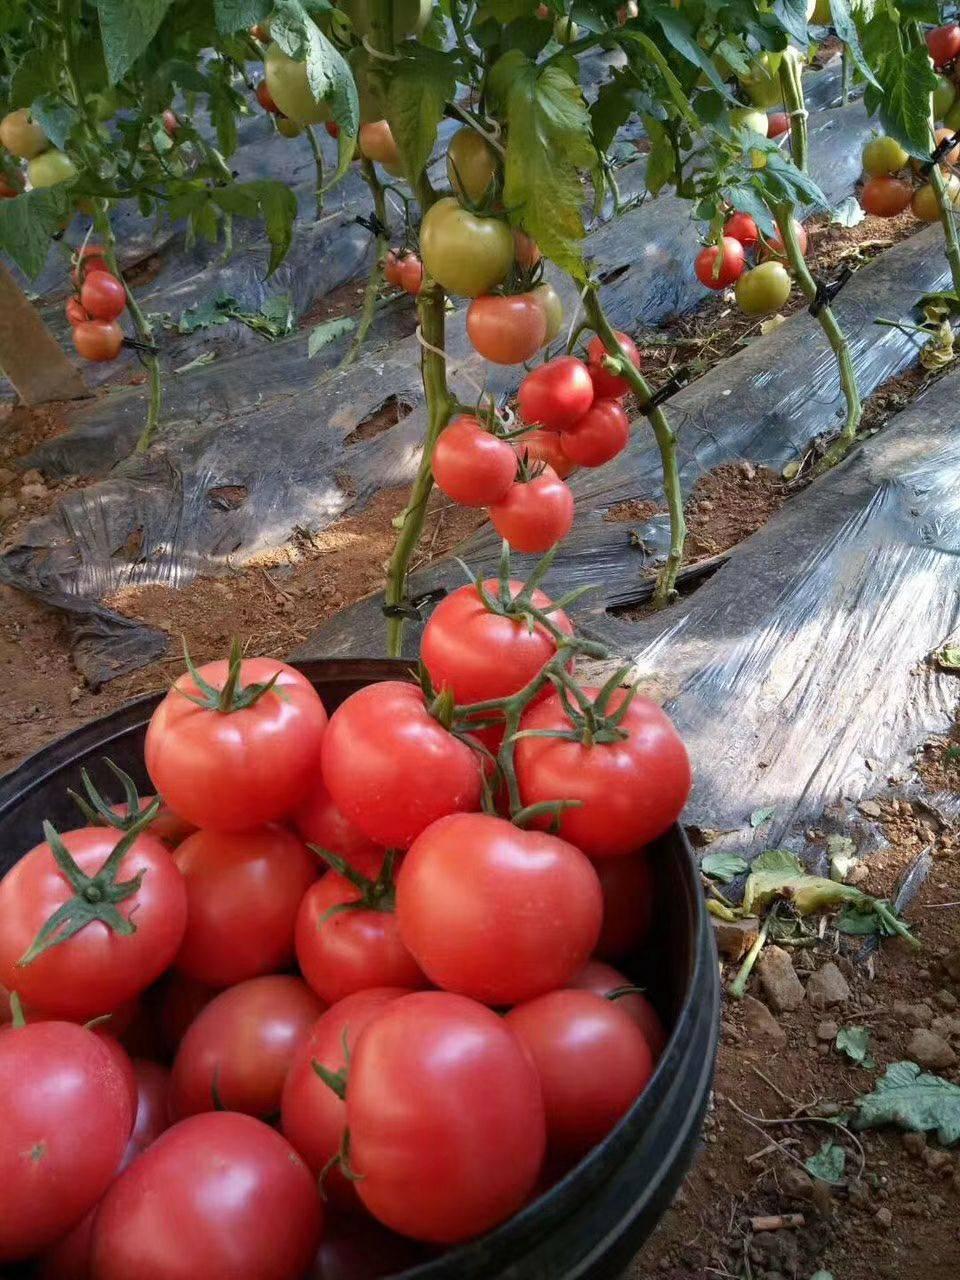 硬粉番茄 漢姆番茄硬粉